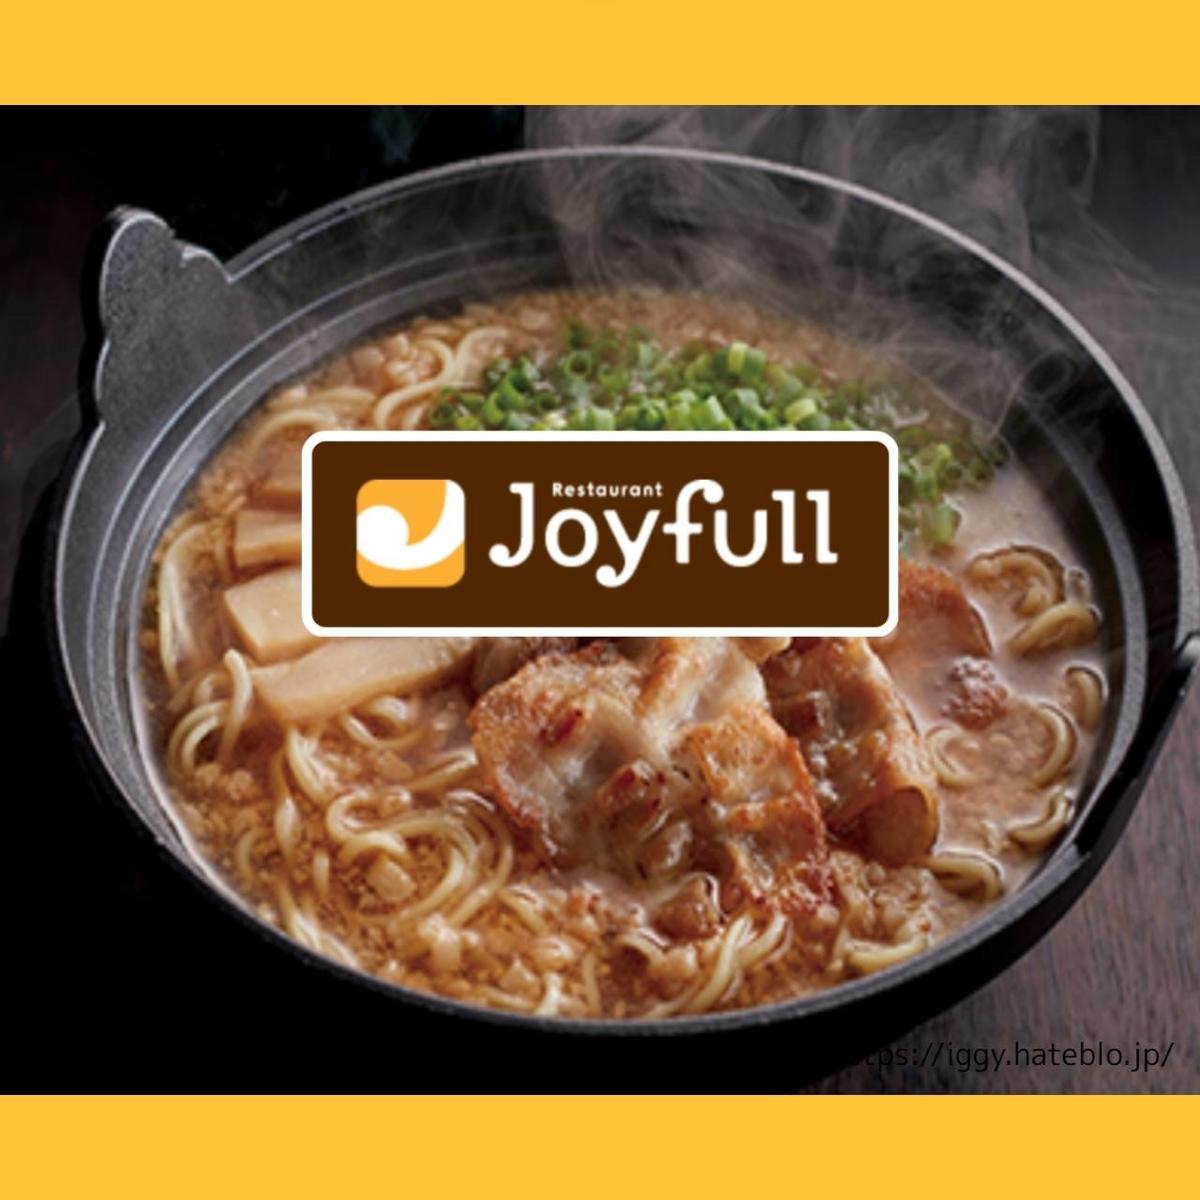 ジョイフルの新メニュー「背脂たっぷり鉄鍋醤油ラーメン」「鉄鍋ホルモンラーメン」口コミ レビュー